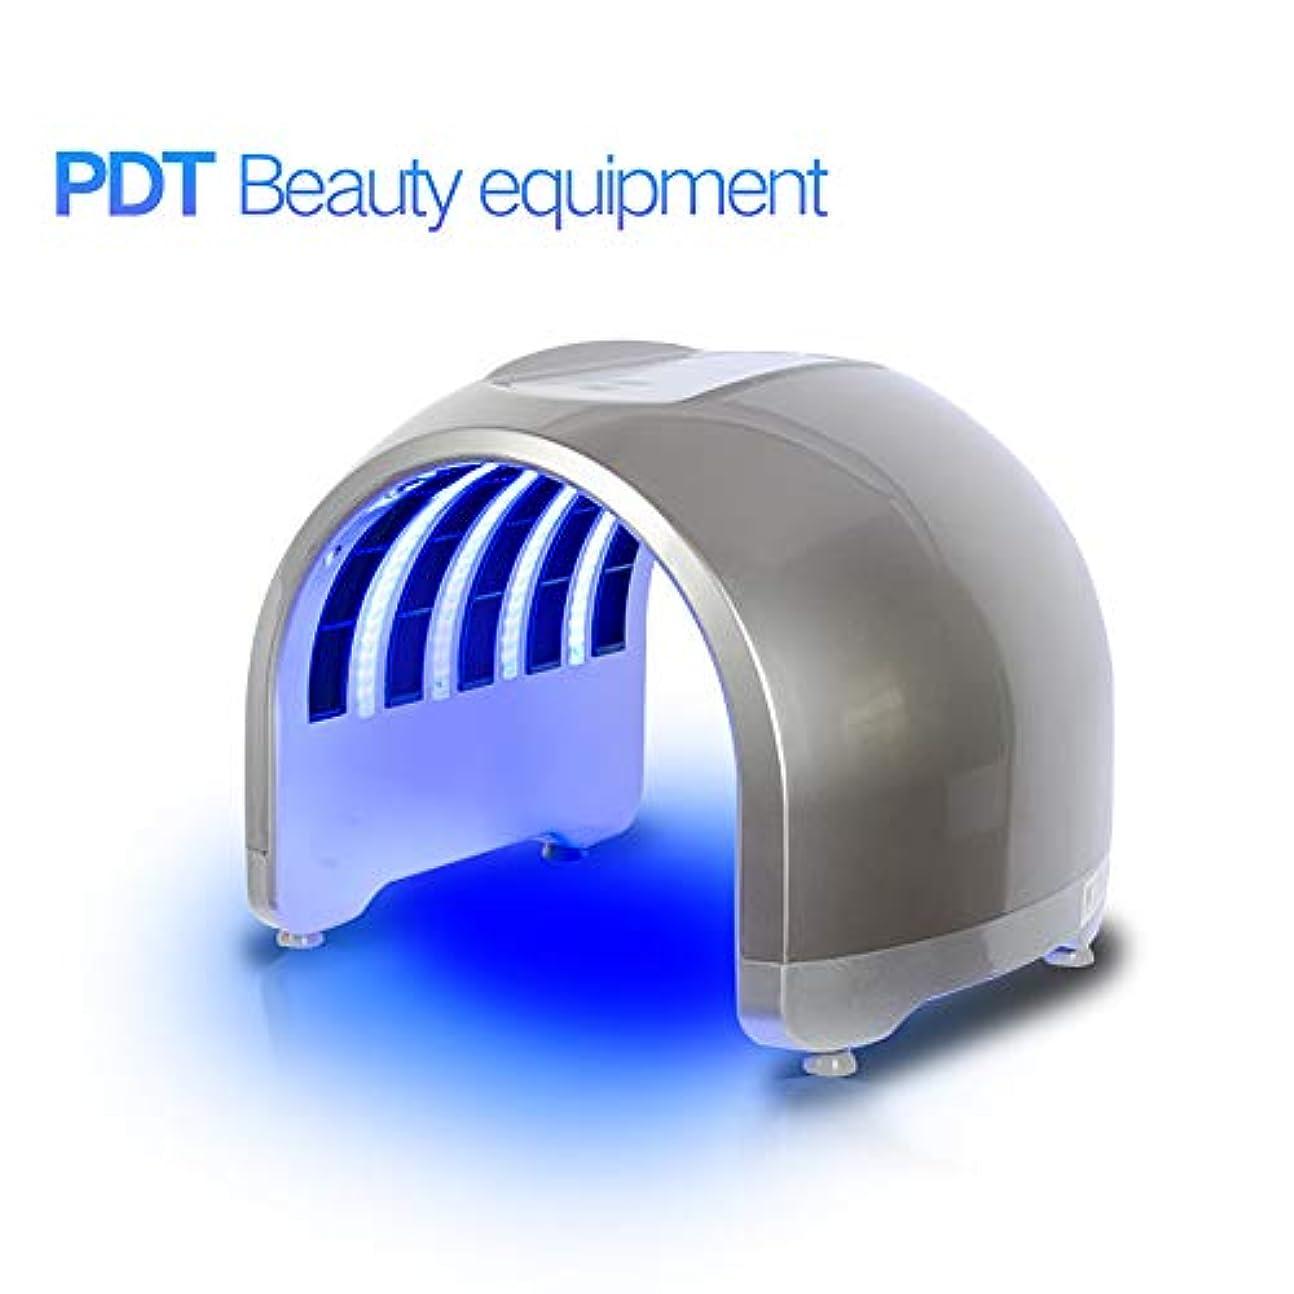 シュリンク旧正月ワイヤー4色PDT LEDライト療法機械-顔首ボディのための反老化のスキンケア用具